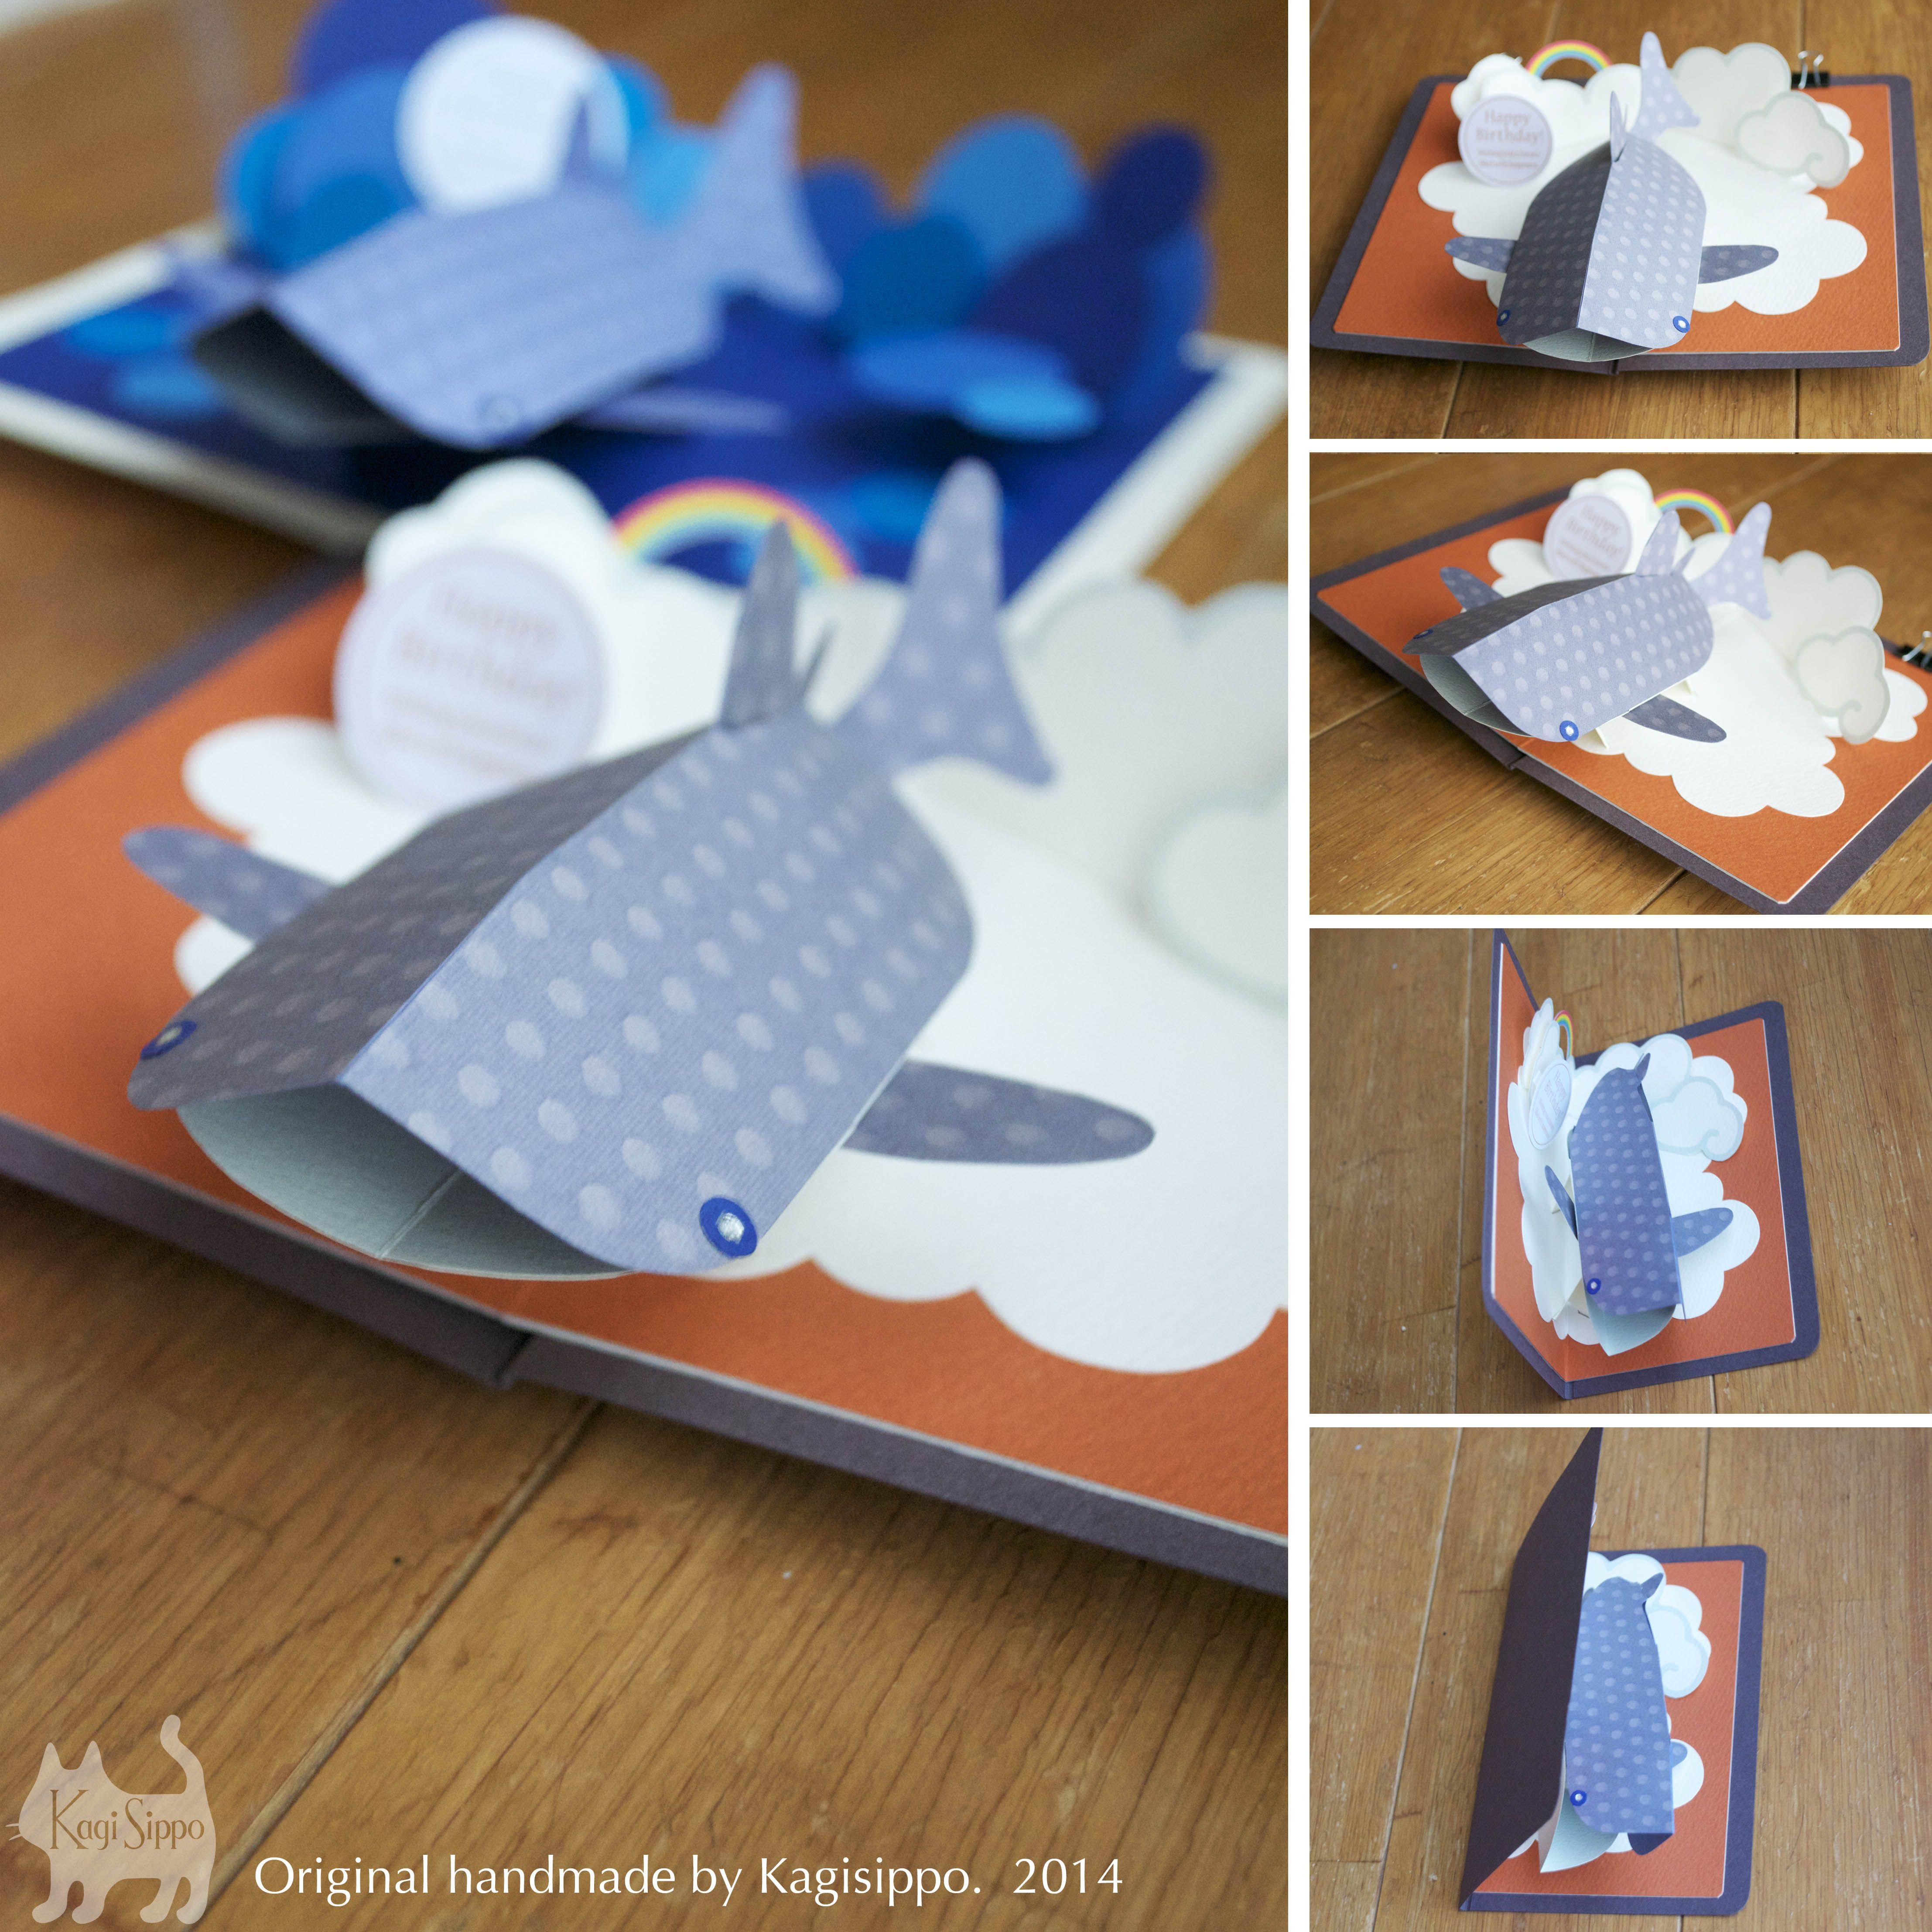 original handmade [pop up card] whale shark